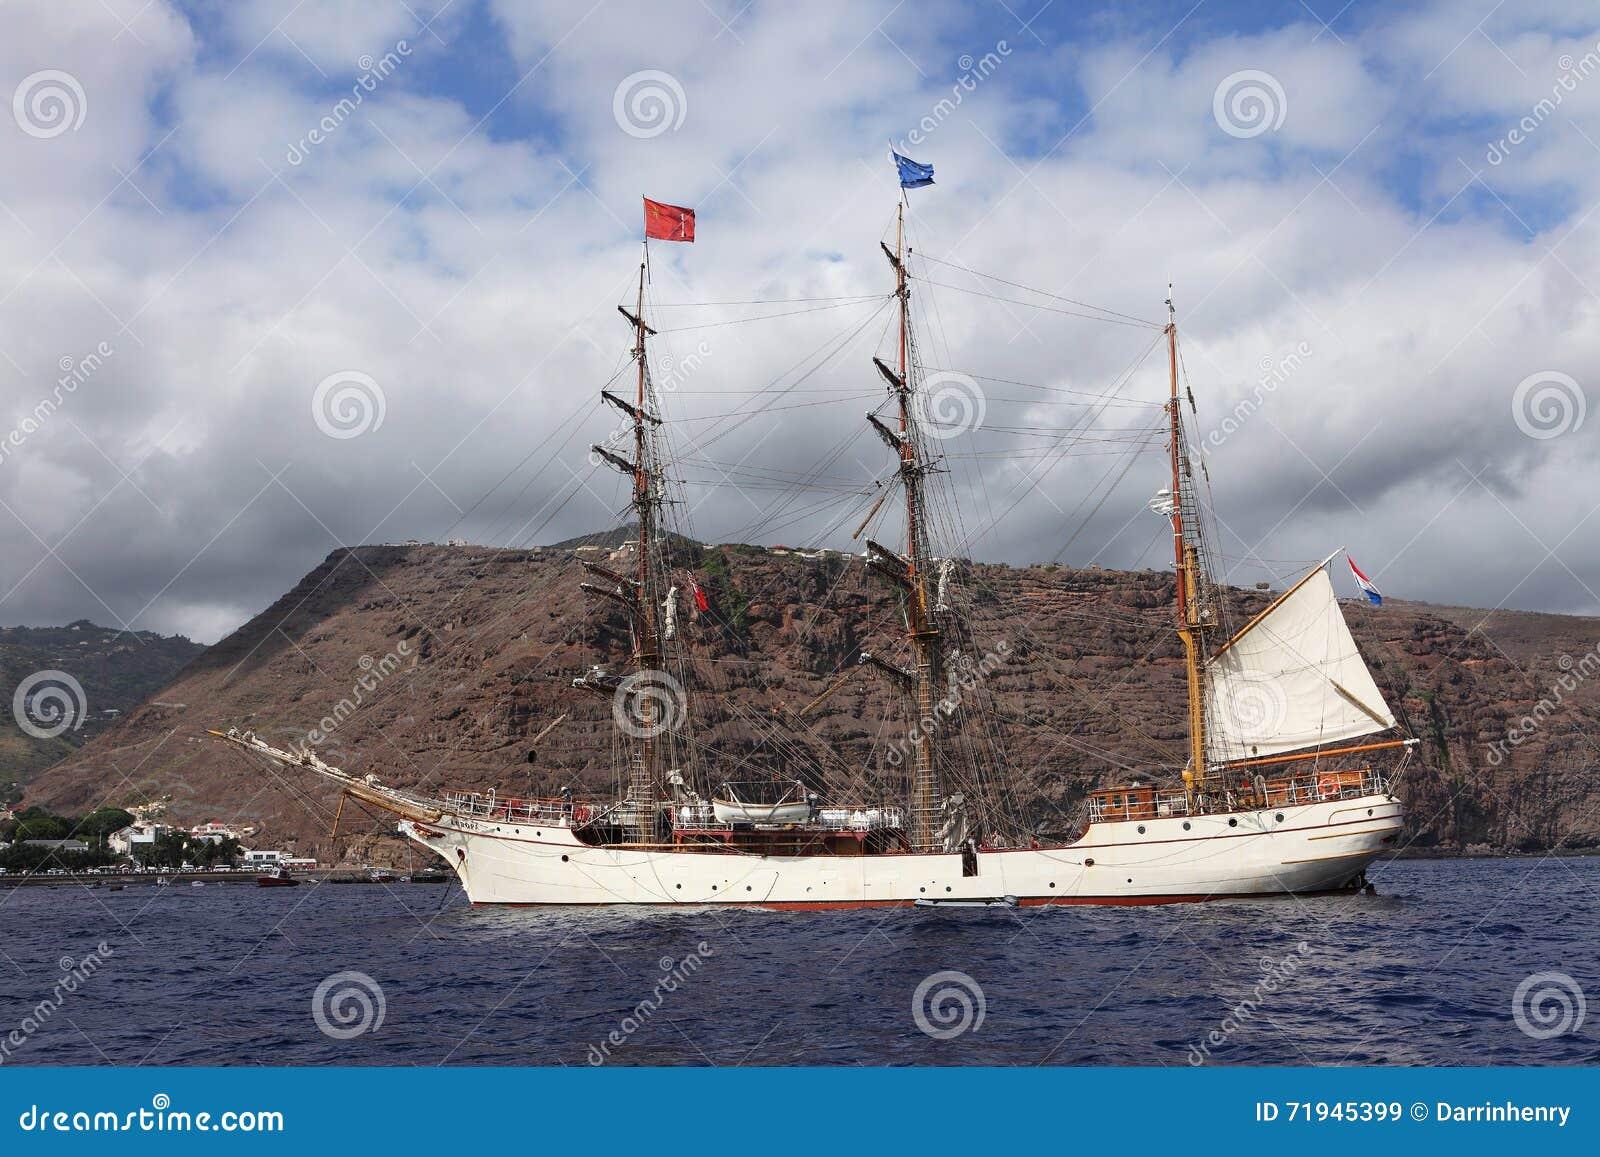 Голландская высокорослая Европа расшивы корабля на острове Острова Св. Елена